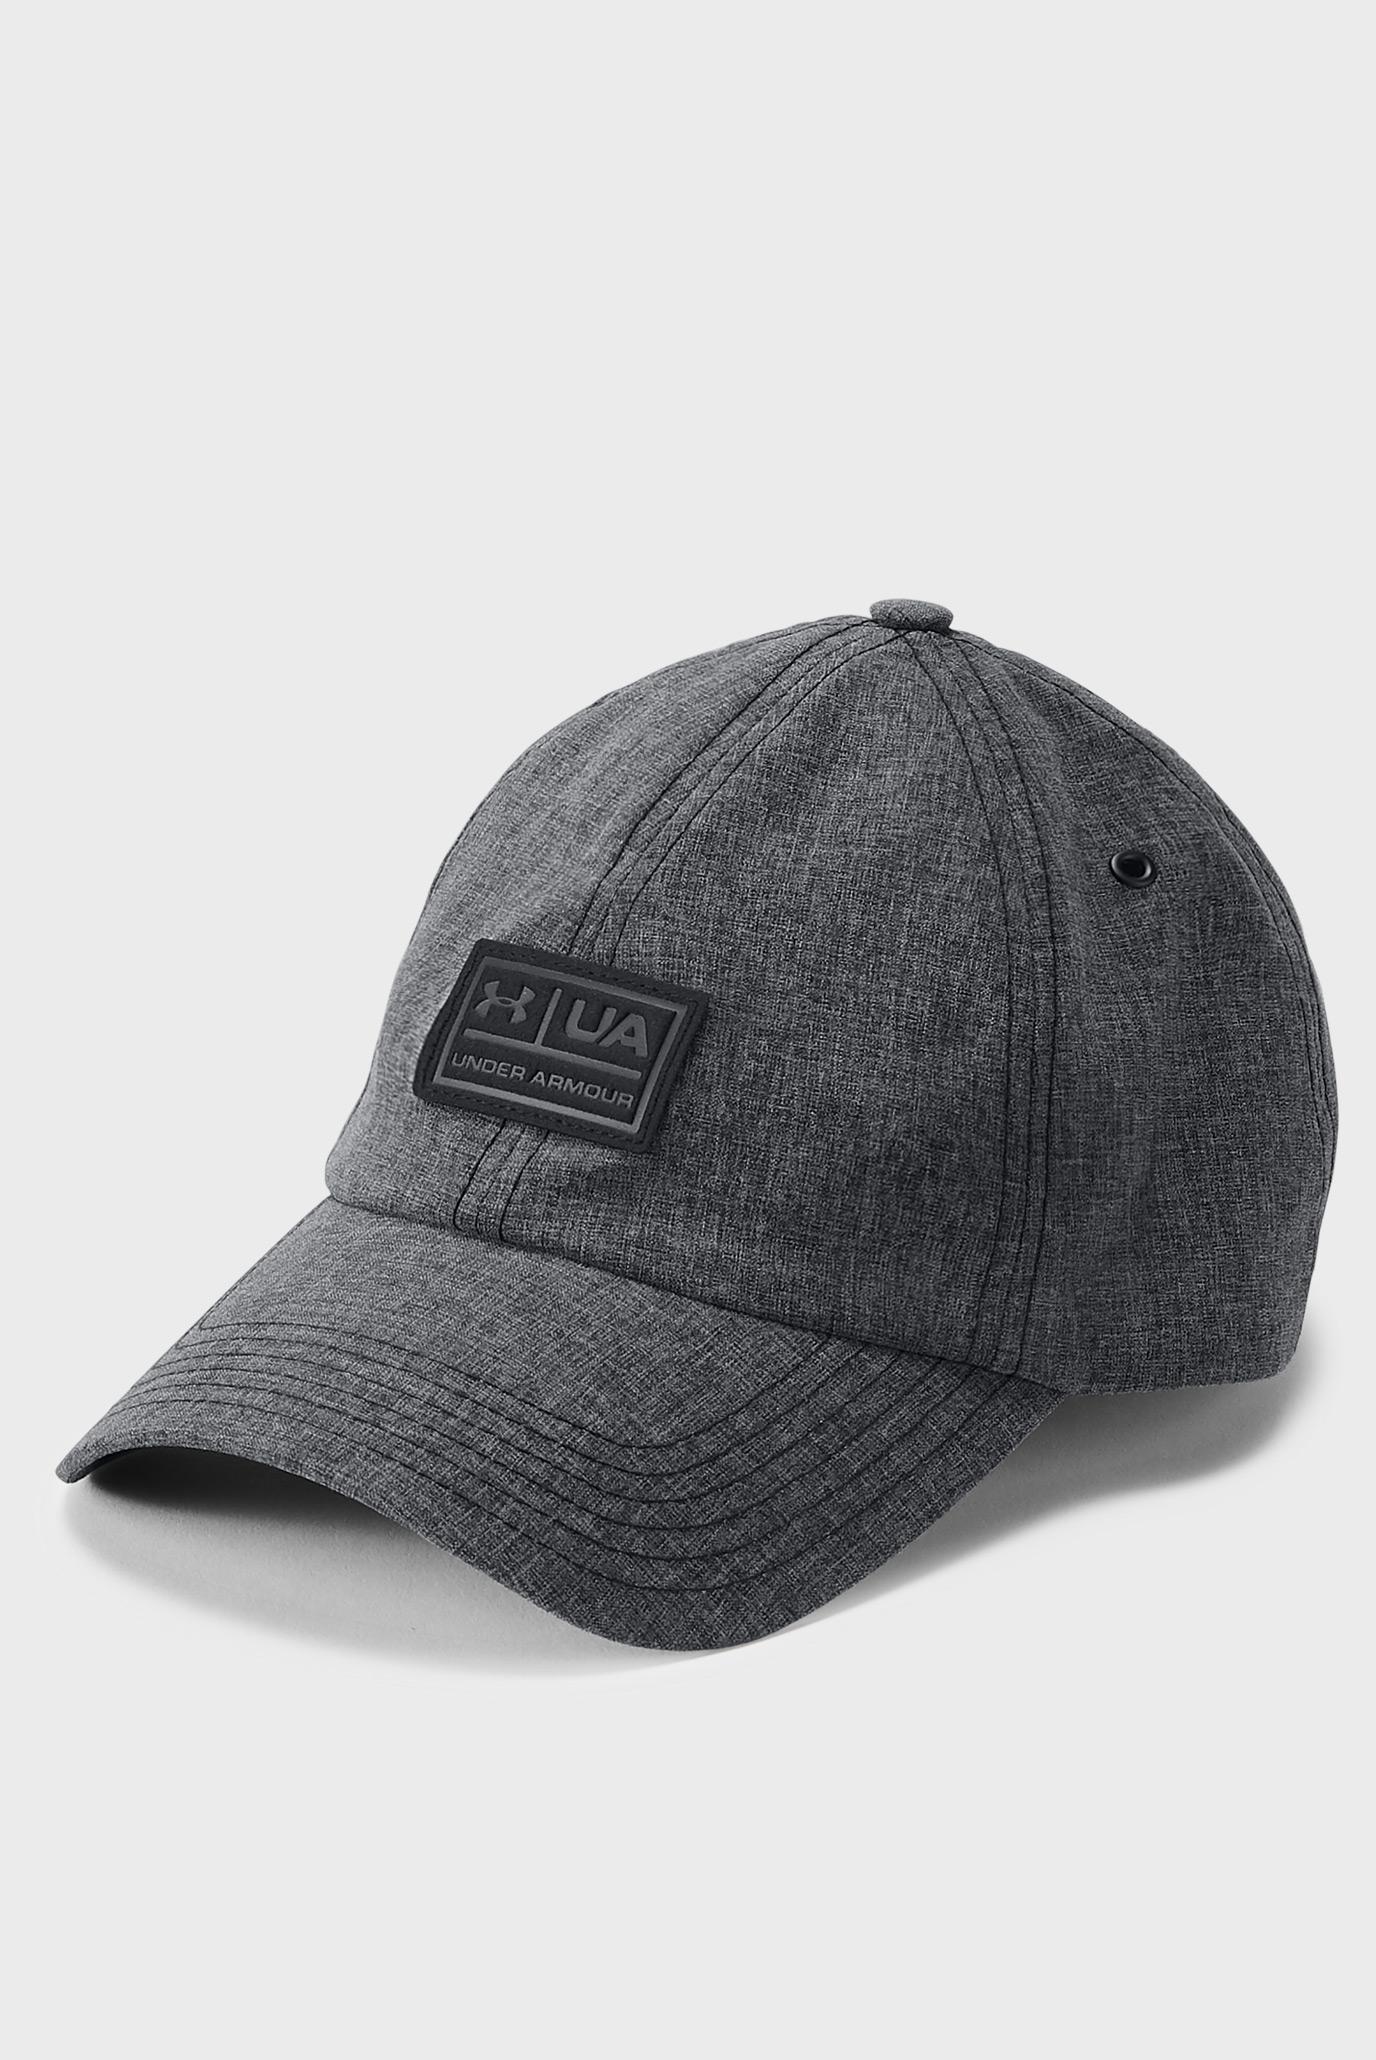 Купить Мужская черная кепка Men's Perf Lifestyle Under Armour Under Armour 1305449-001 – Киев, Украина. Цены в интернет магазине MD Fashion